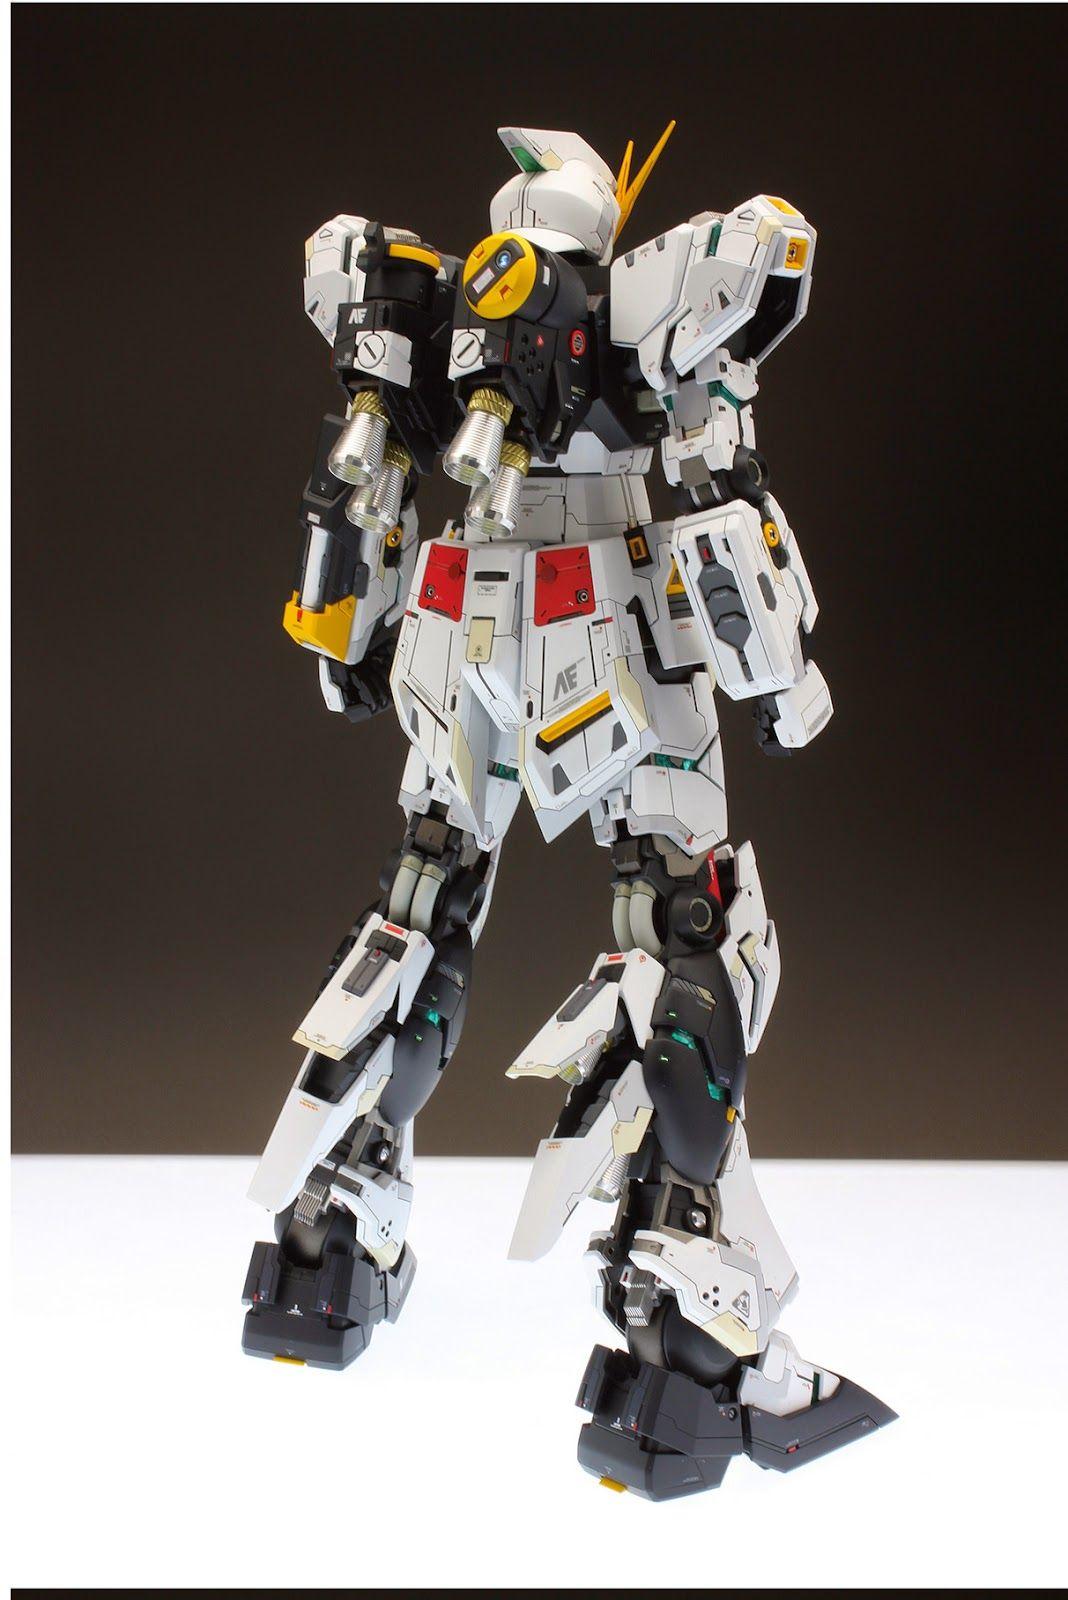 Mg Gunpla Idea T Gundam Rx 93 V Nu Ver Ka Master Grade 1100 Daban Model Custom Build 1 100 Renovated Kits Collection News And Reviews